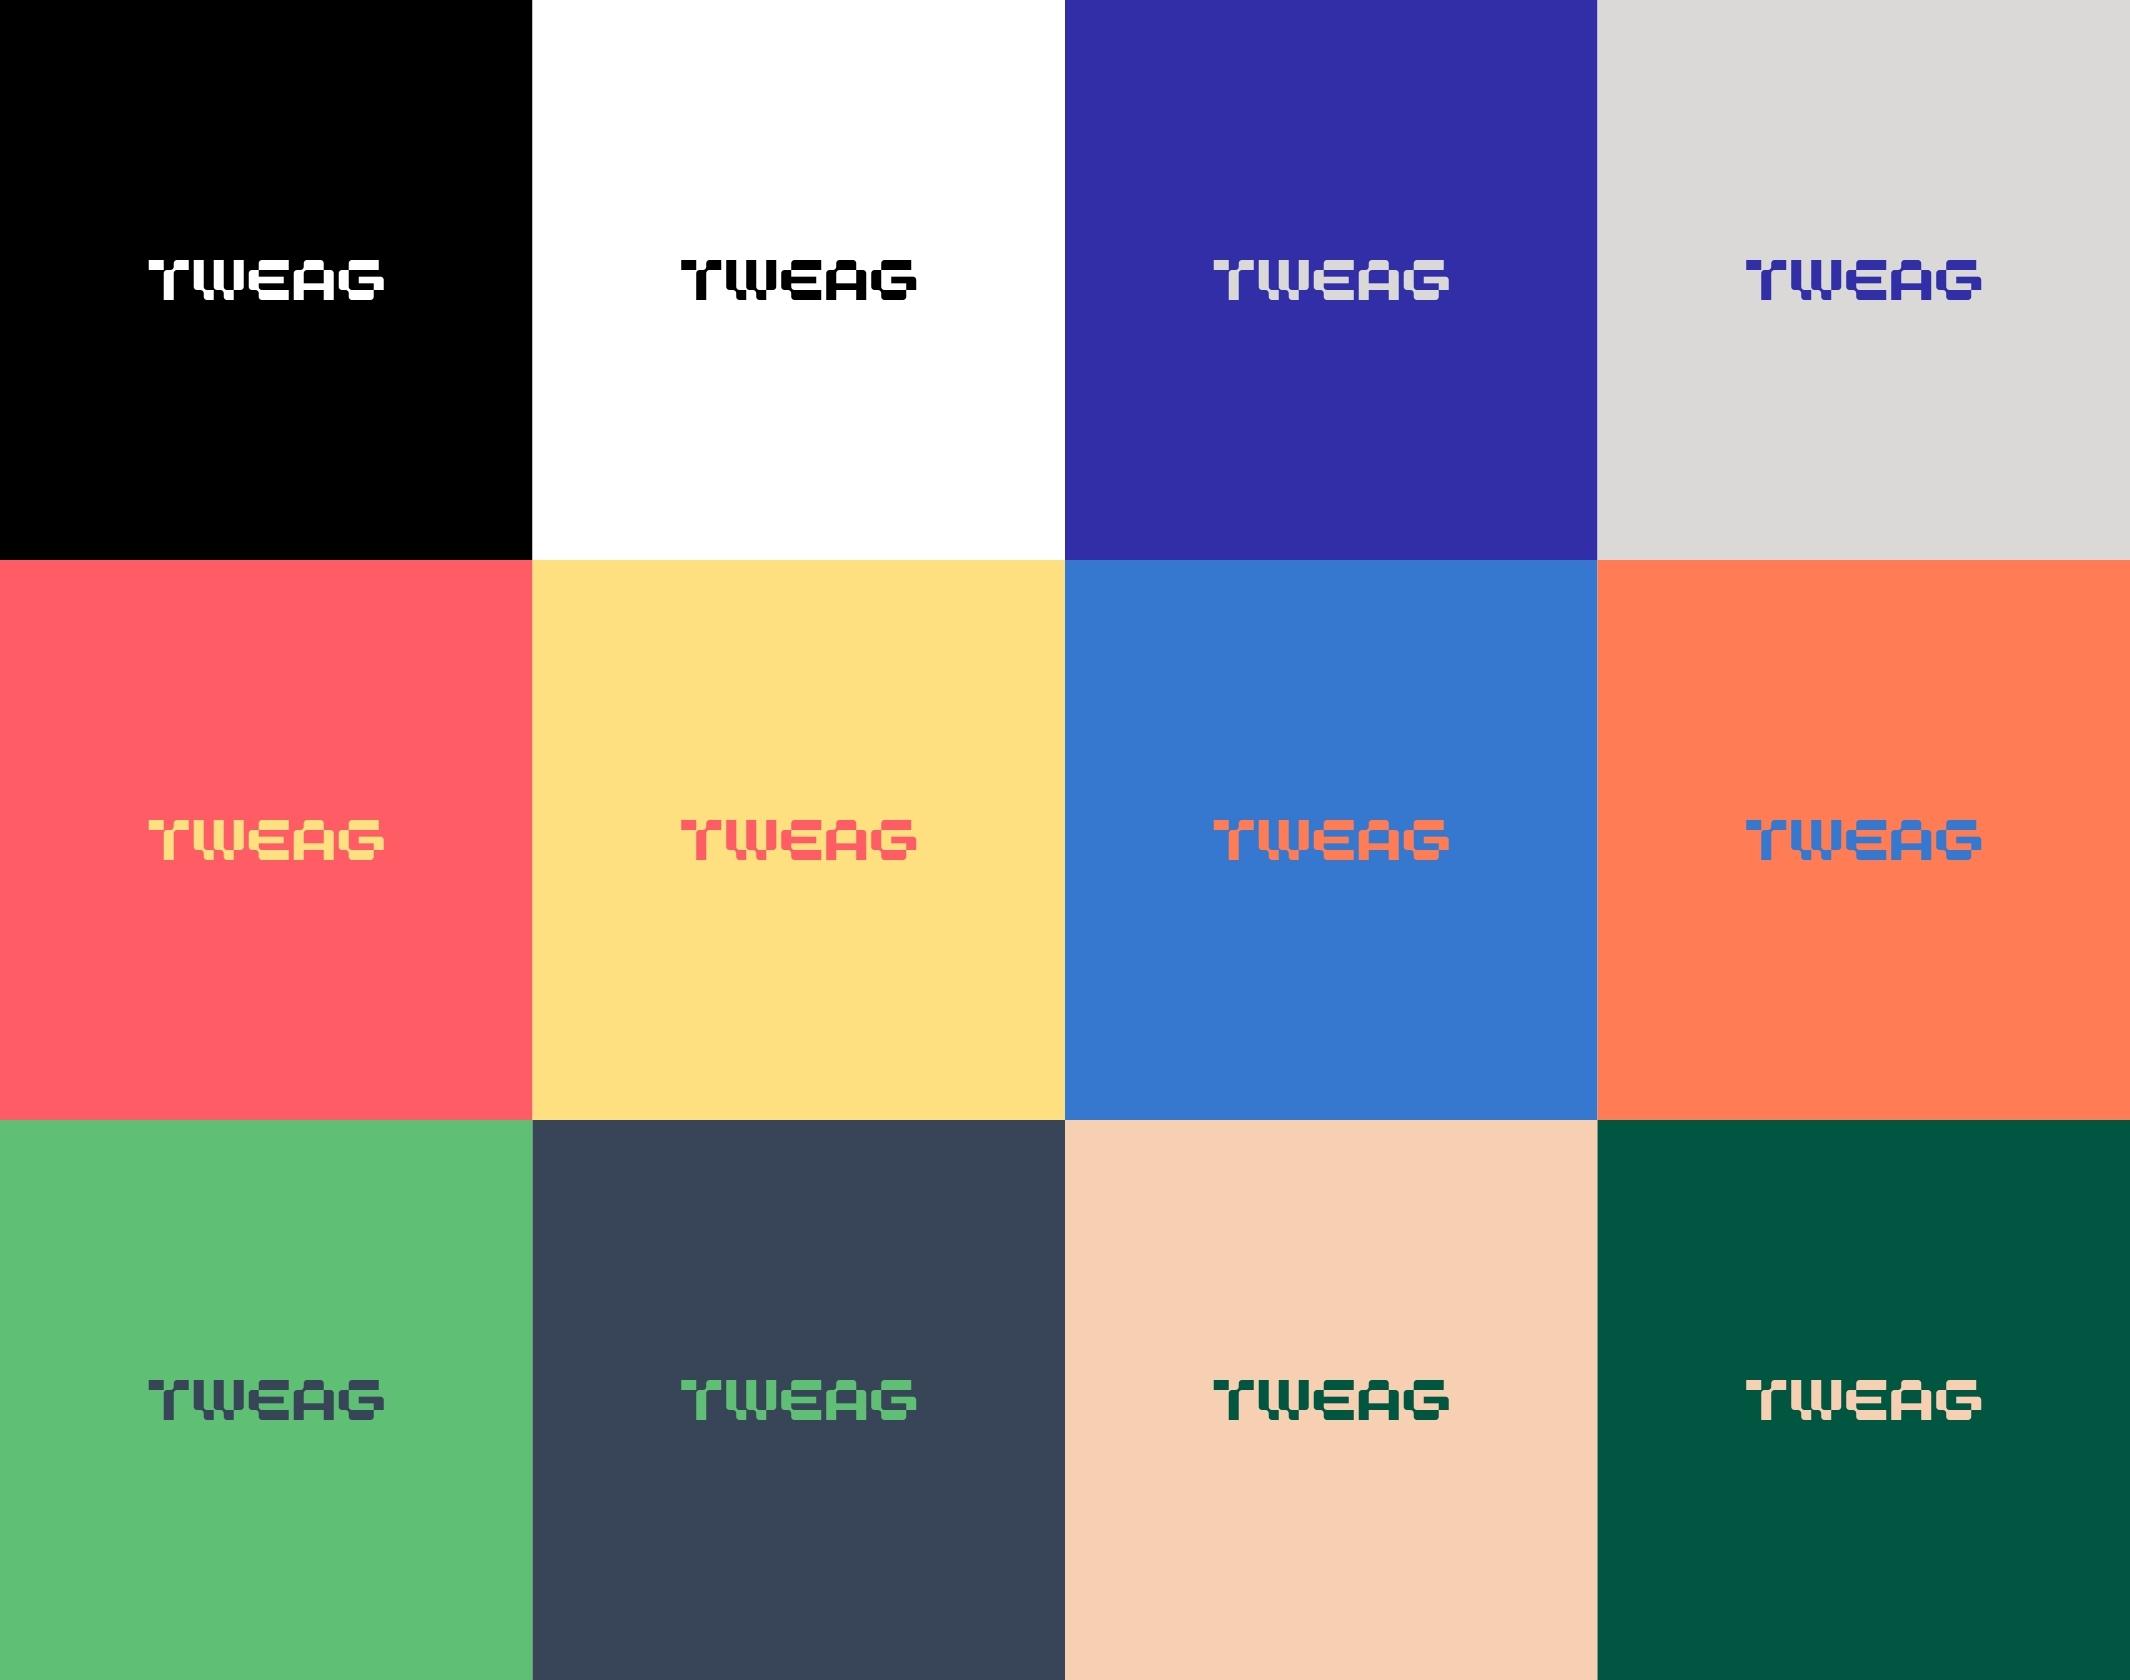 déclinaison couleur logo Tweag